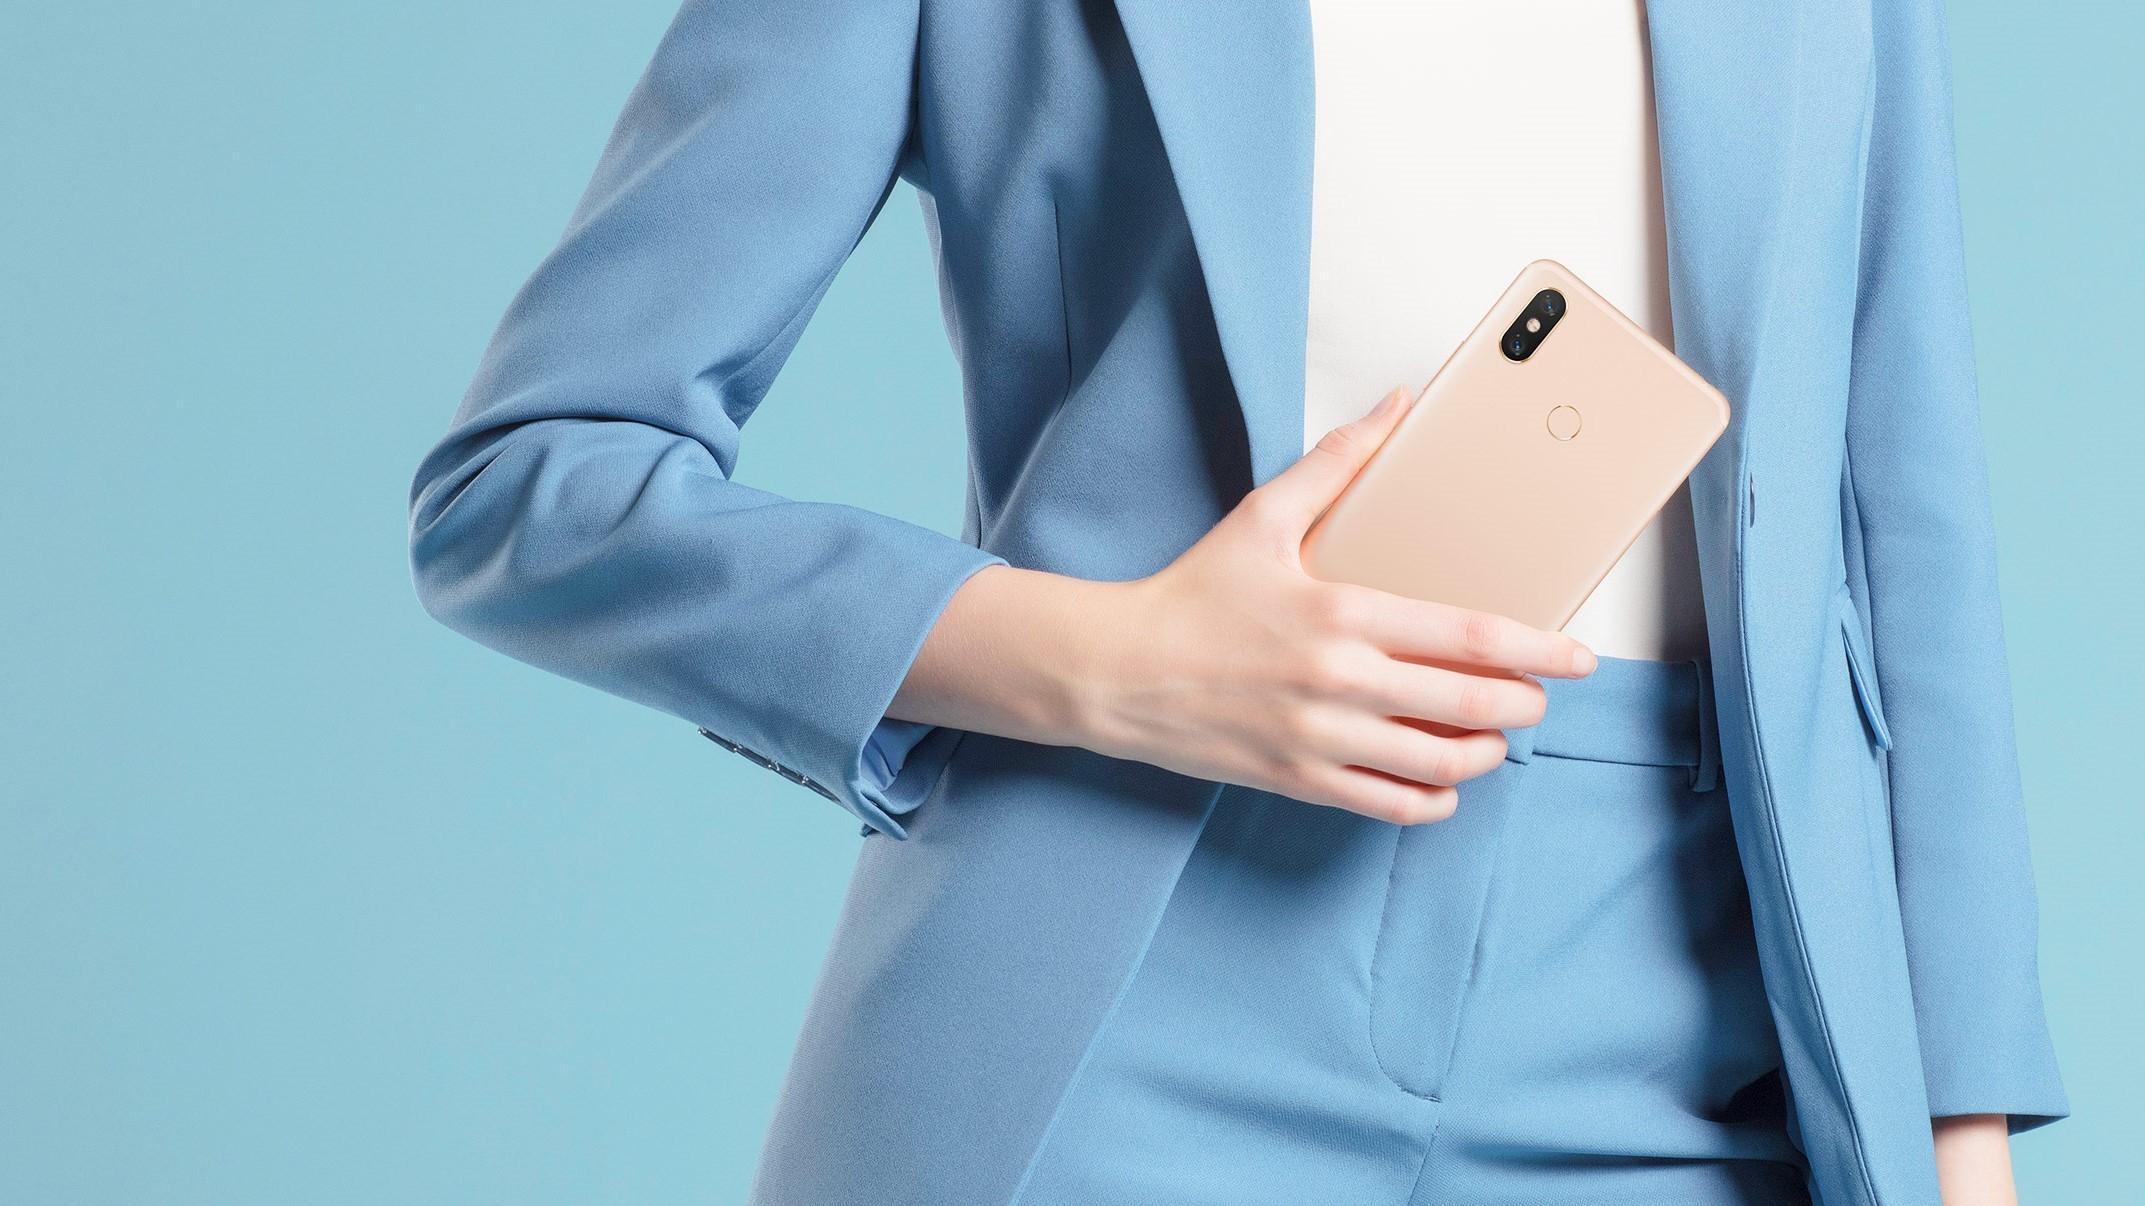 Презентован фаблет Xiaomi Mi Max 3 с гигантским аккумулятором